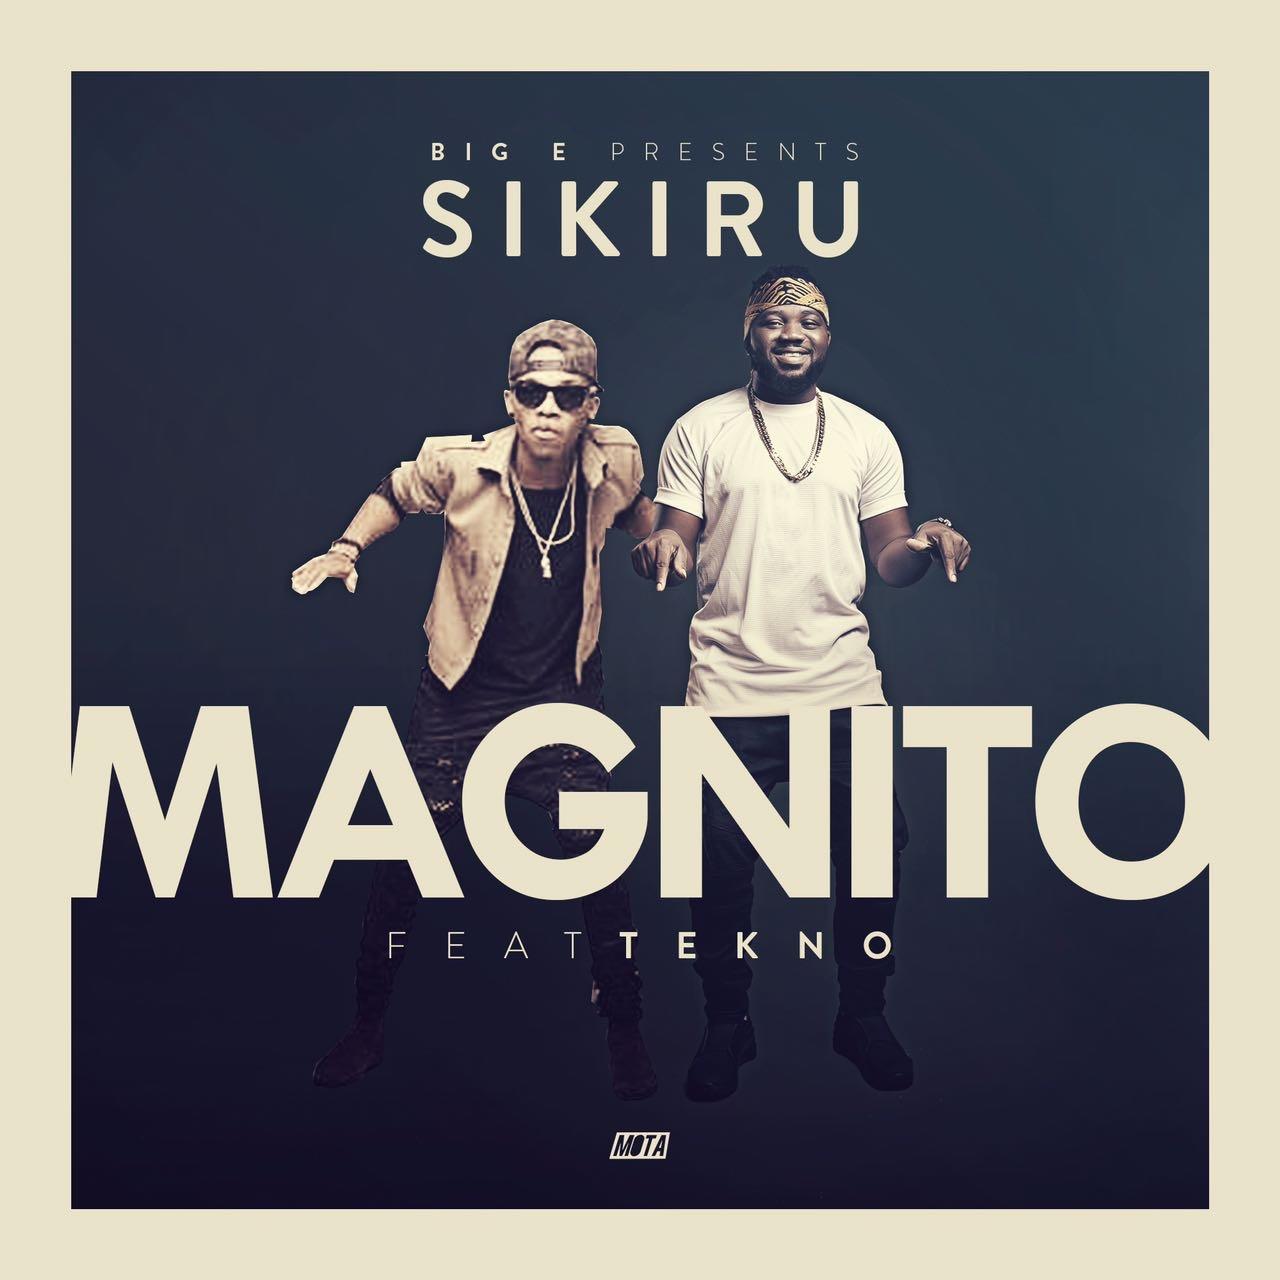 Magnito ft. Tekno - Sikiru